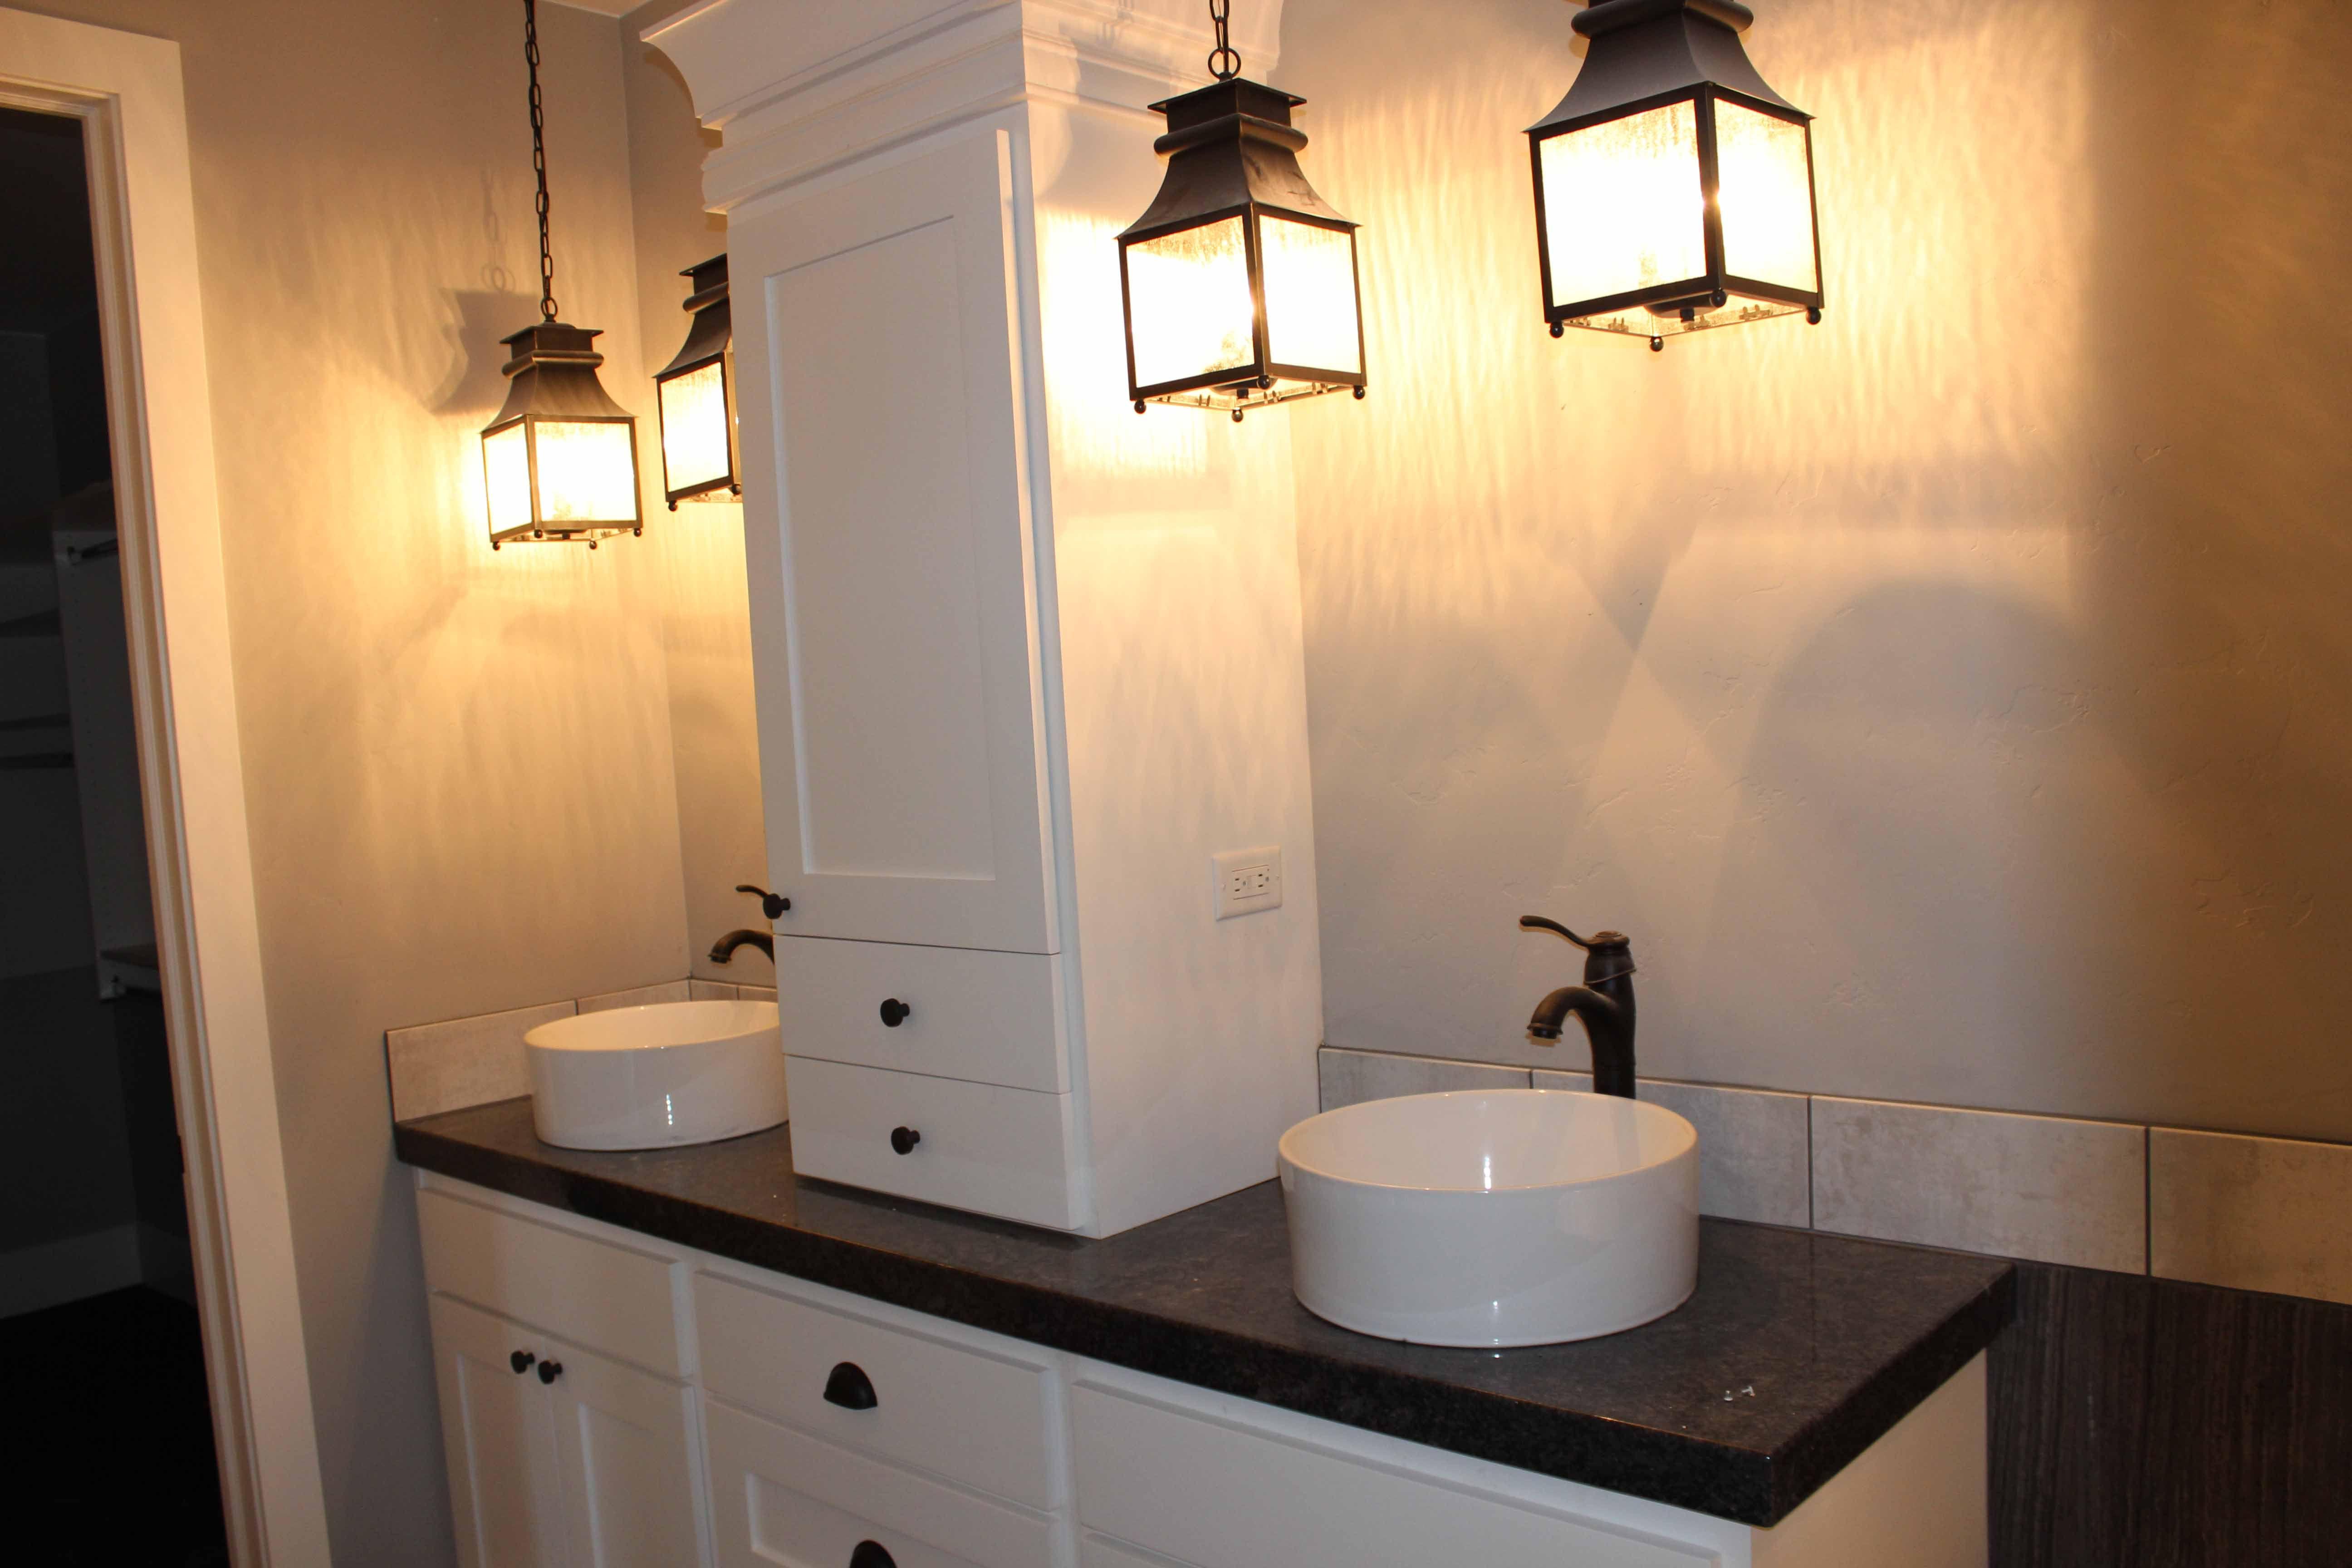 Spiegellampen Badezimmer ~ Ideen für badezimmer lampen march